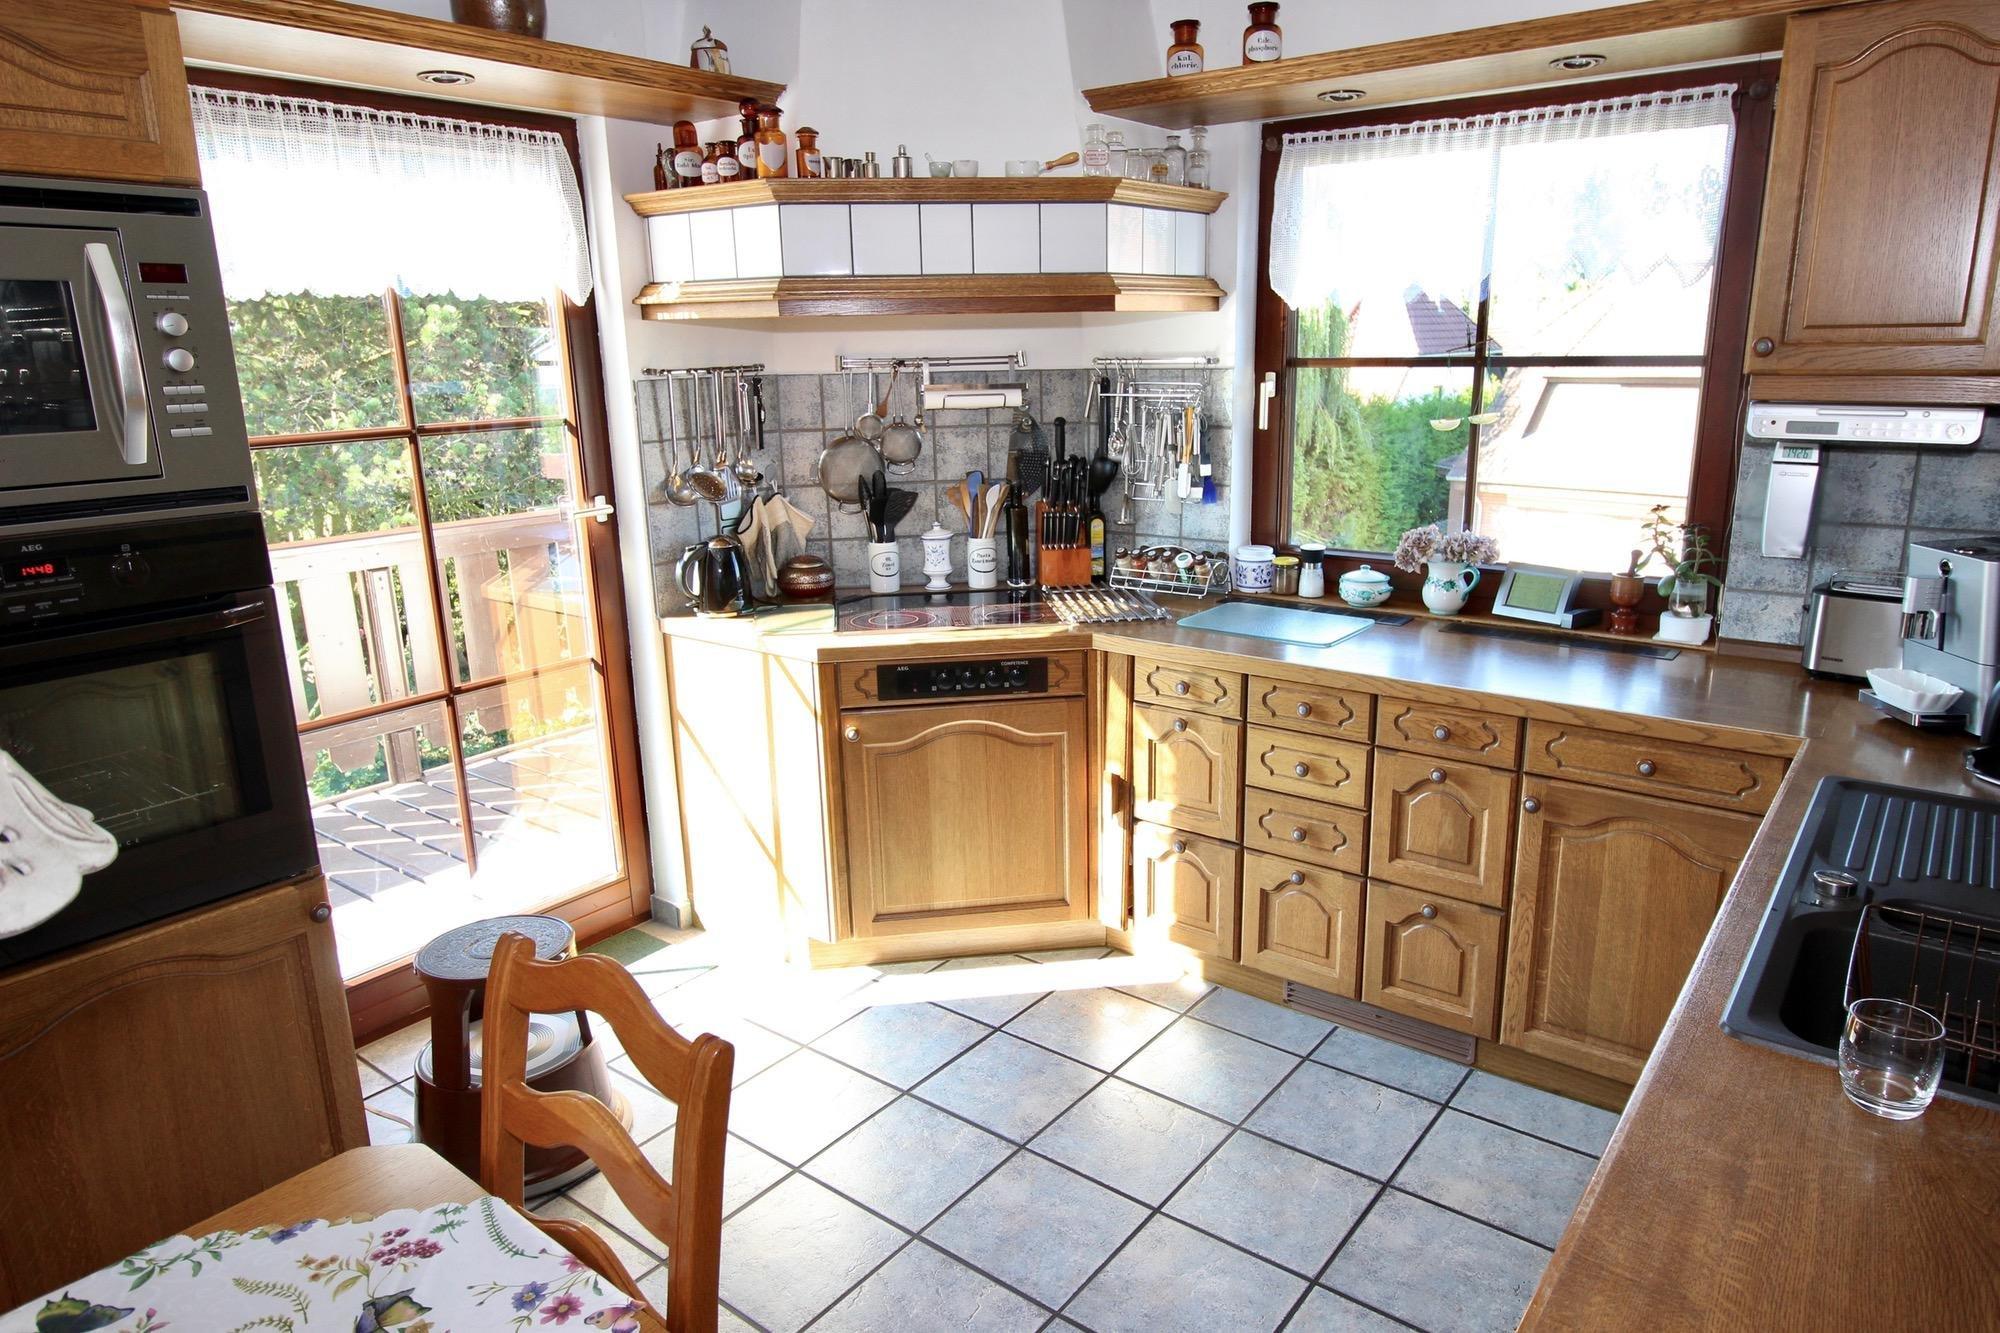 Blick in die Küche im Erdgeschoss